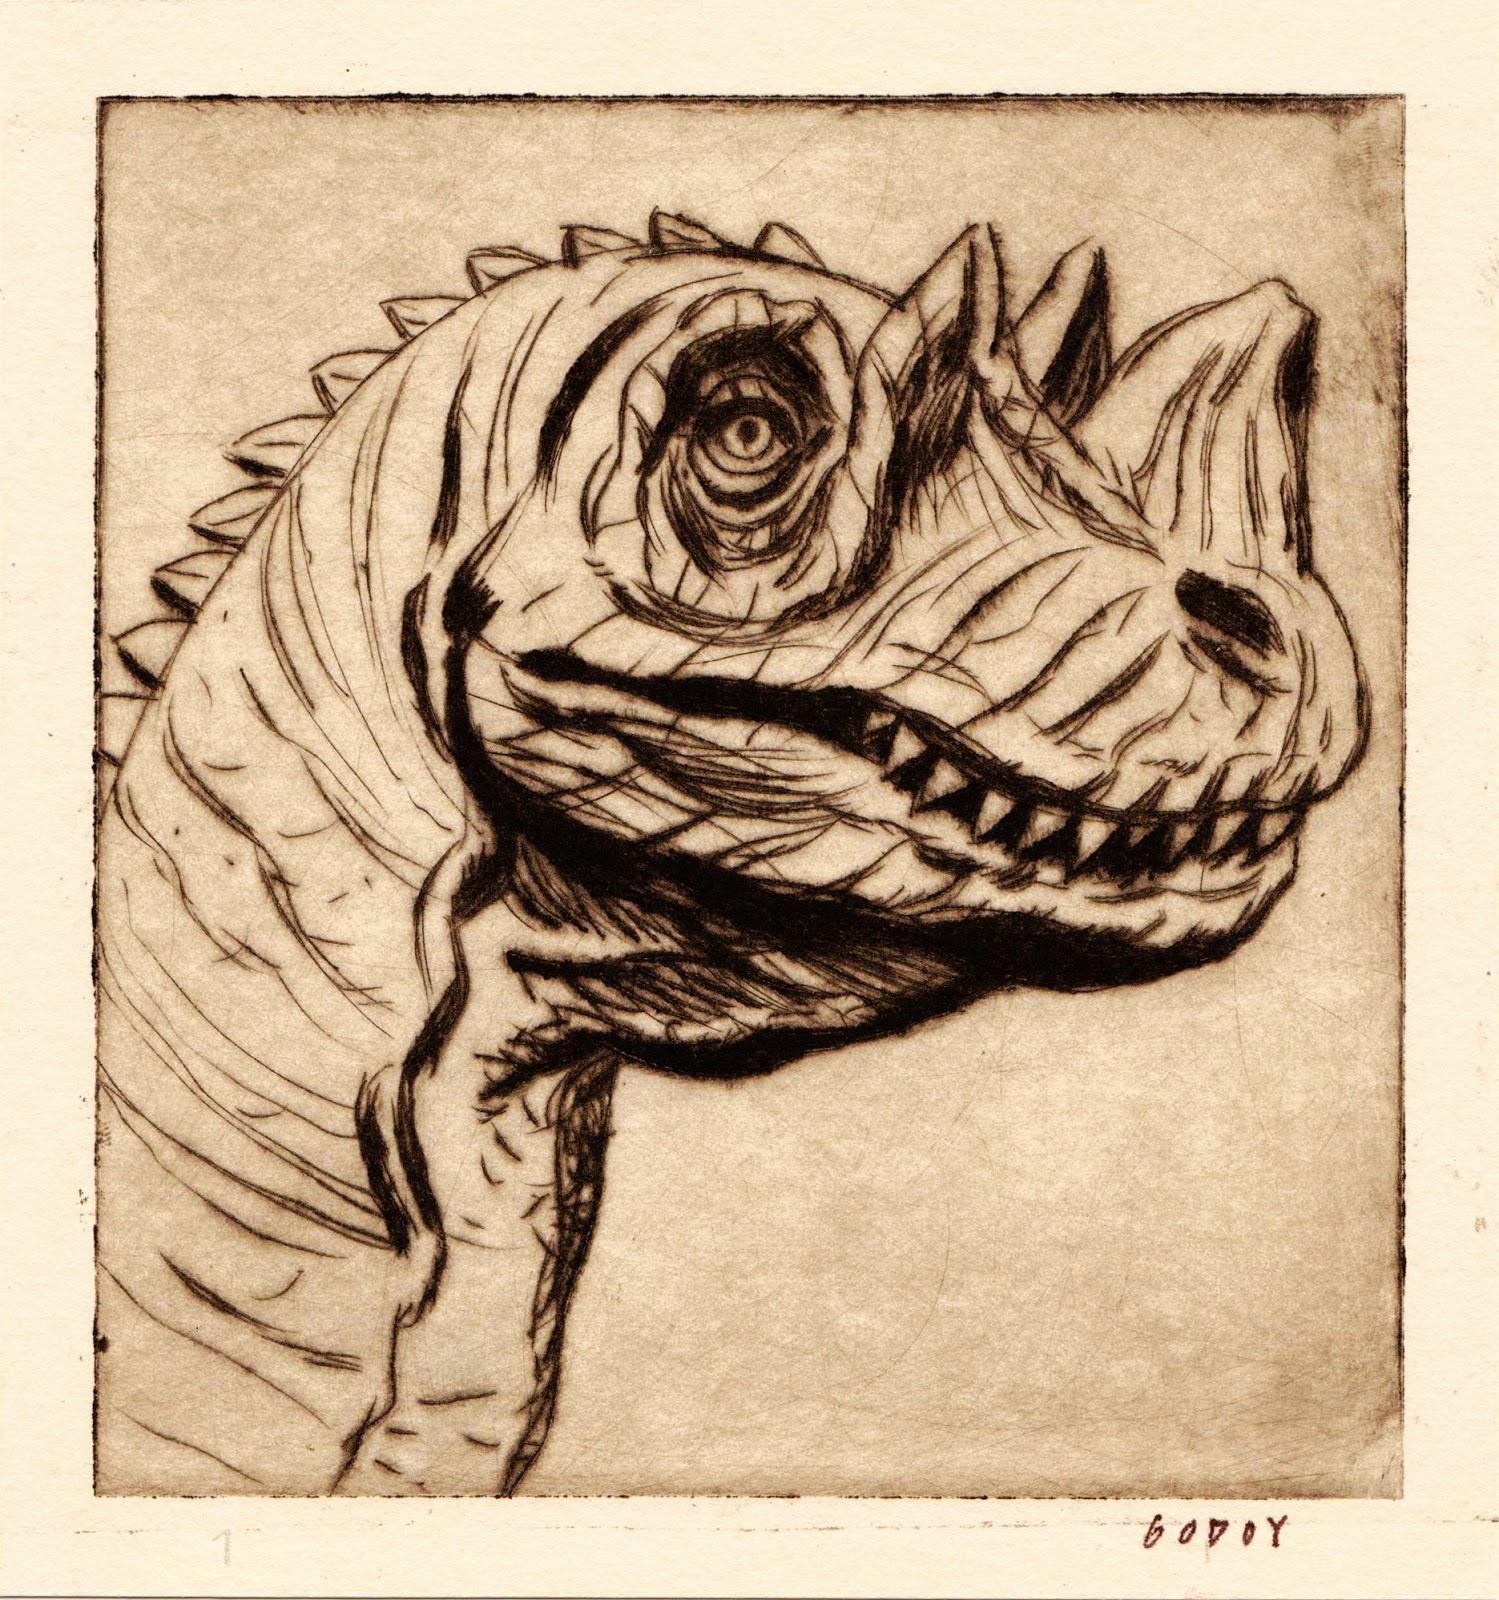 http://javi-godoy.blogspot.com.es/2013/09/ceratosaurus.html